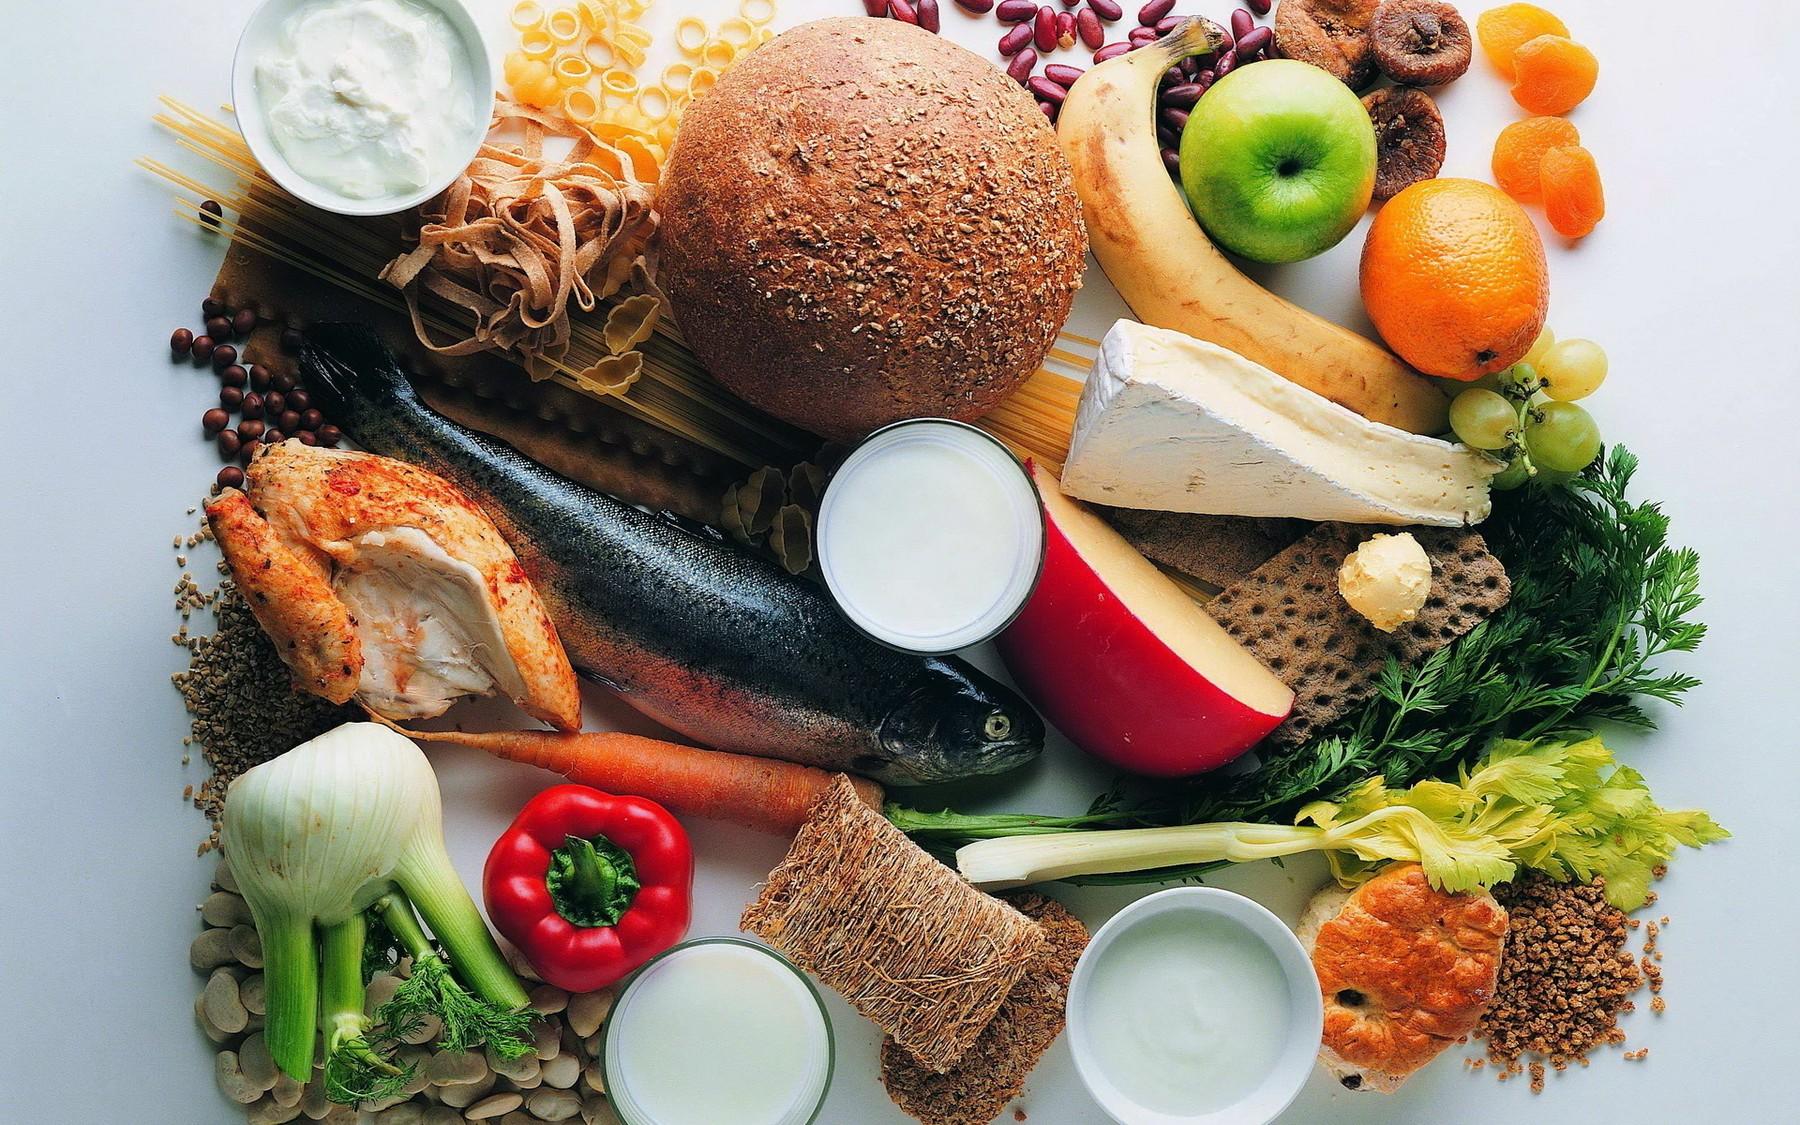 системное питание картинки для опыта